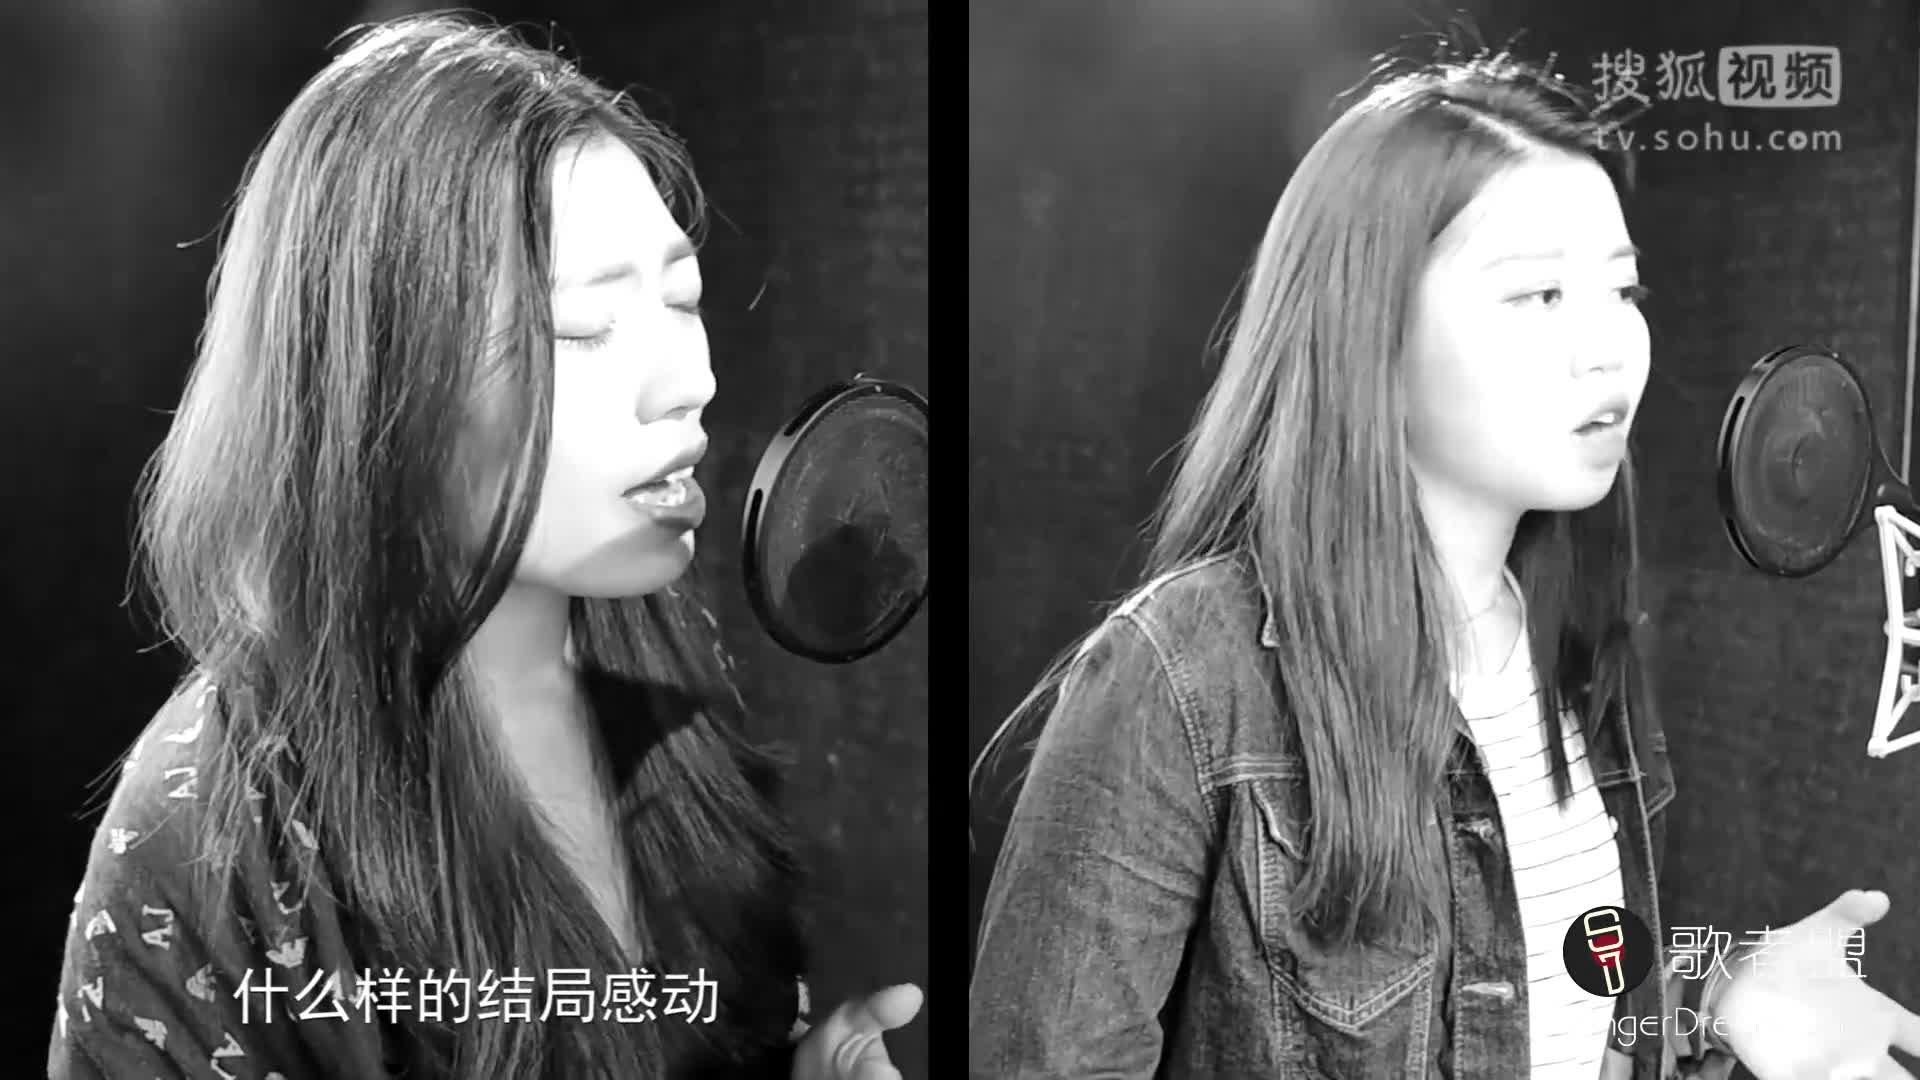 三位气质美女共同献唱《黑白电影》 微微诉说凄美爱情